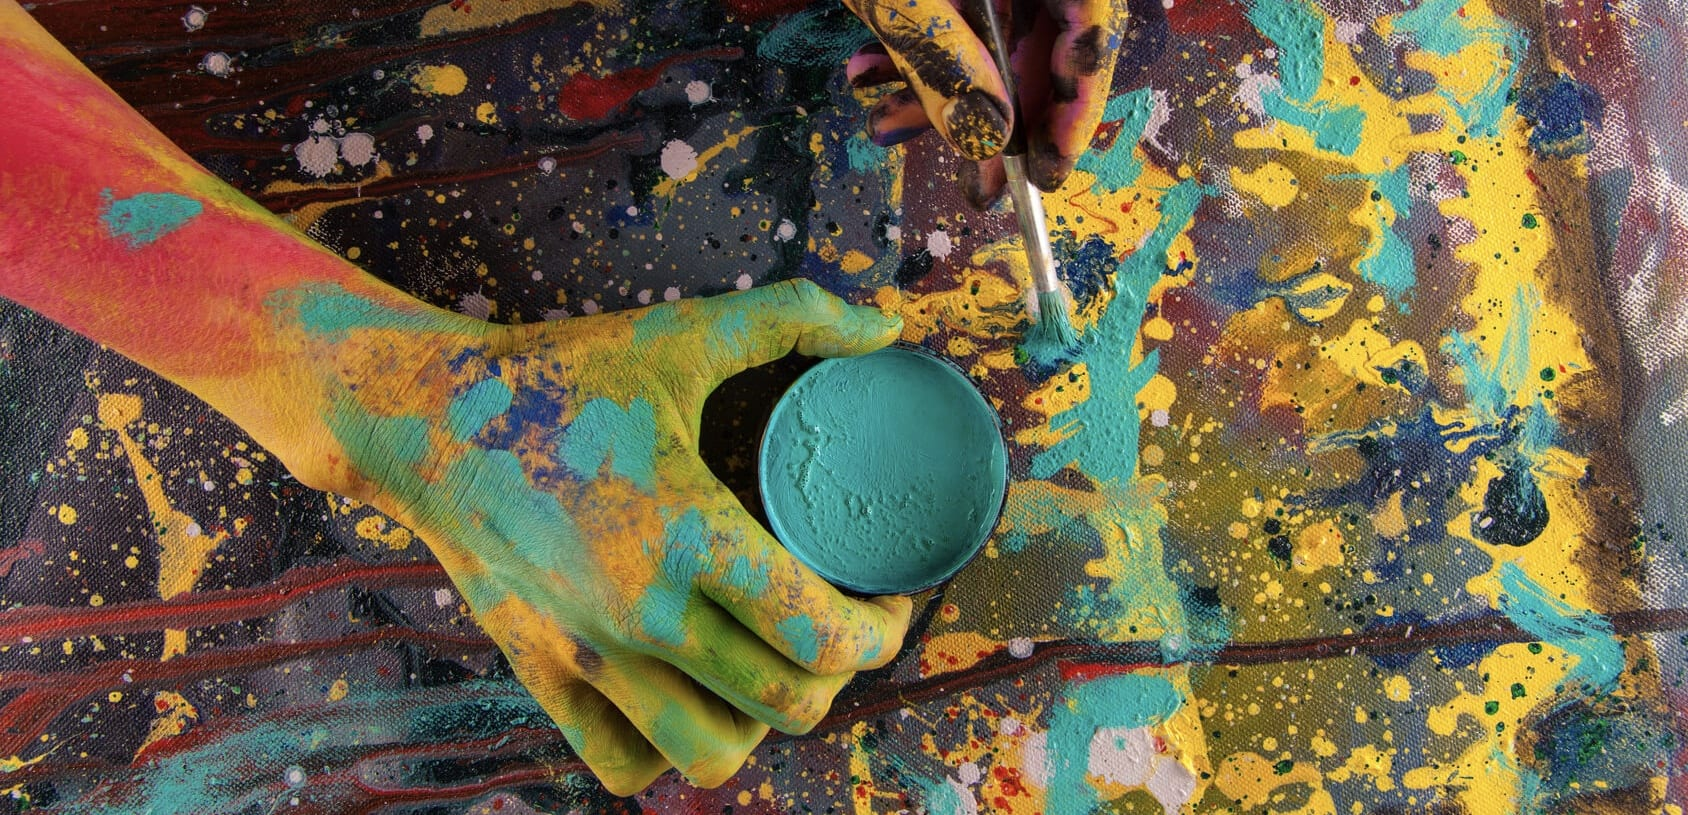 melzo concorso pittura